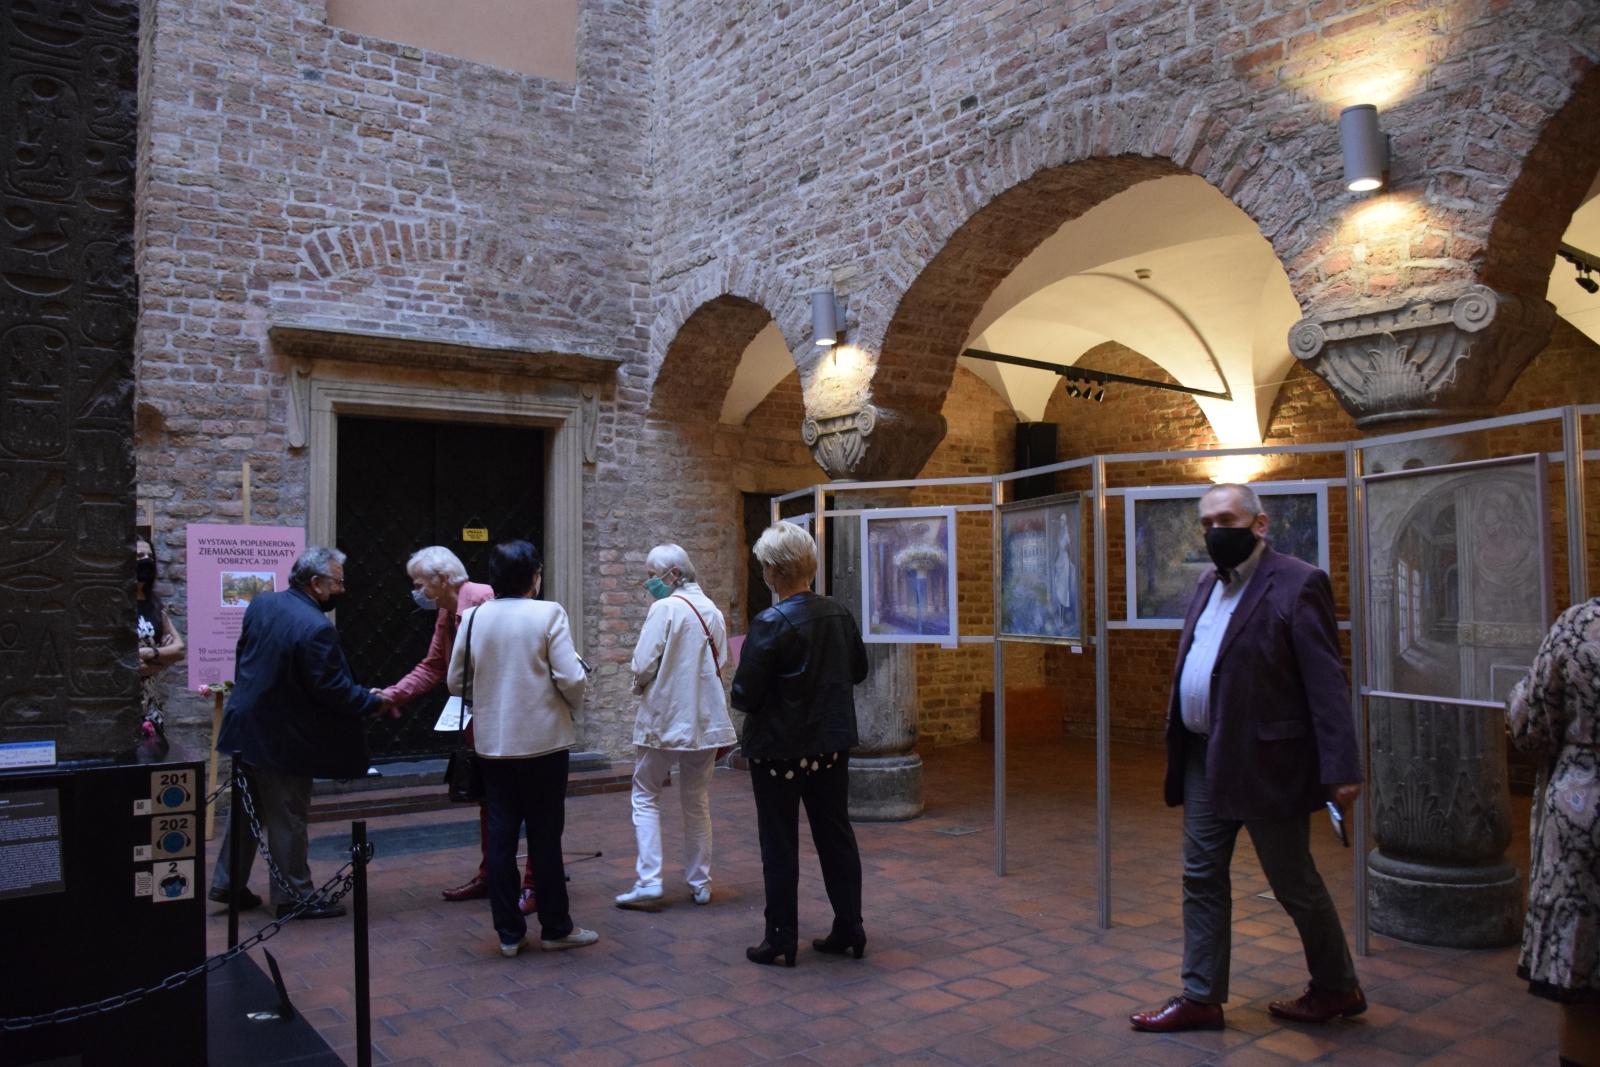 Na zdjęciu ukazane jest wnętrze dziedzińca Muzeum Archeologicznego w Poznaniu, na którym ustawione są sztalugi z obrazami przedstawiającymi dwory i pałace. Dzieła oglądane sa przez osoby uczestniczące w wernisażu.